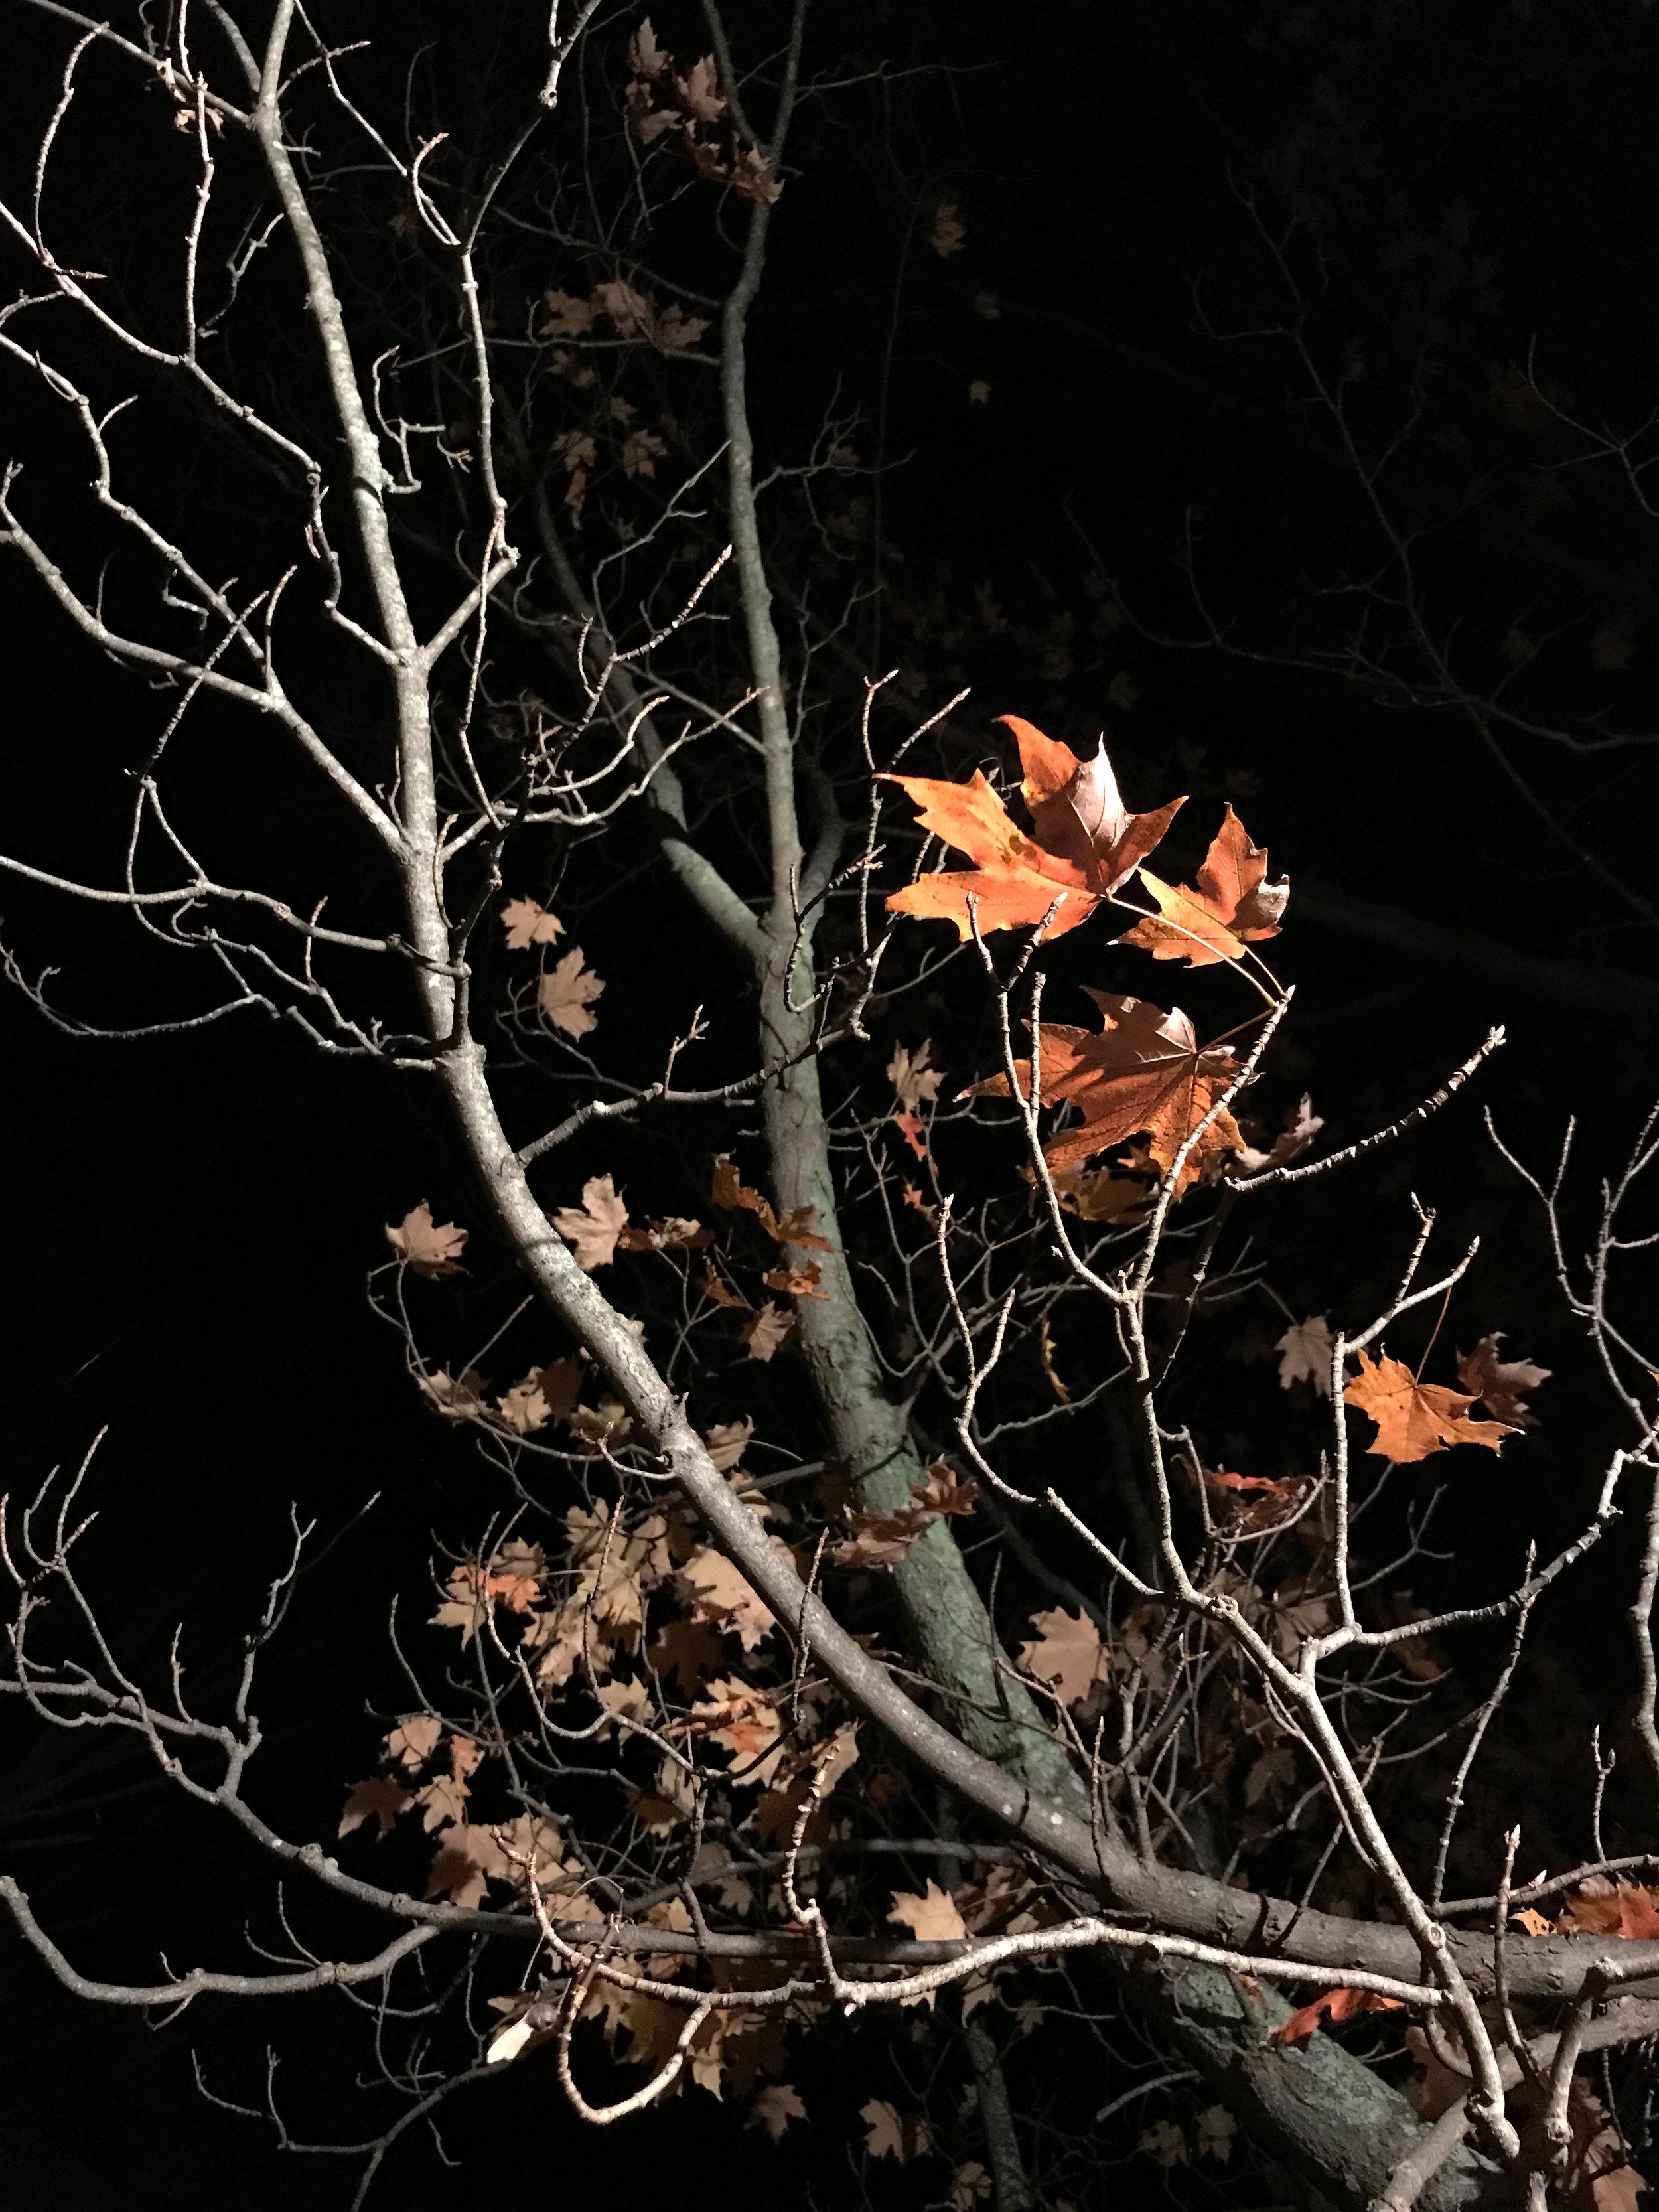 After Dark (Medway, Massachusetts)